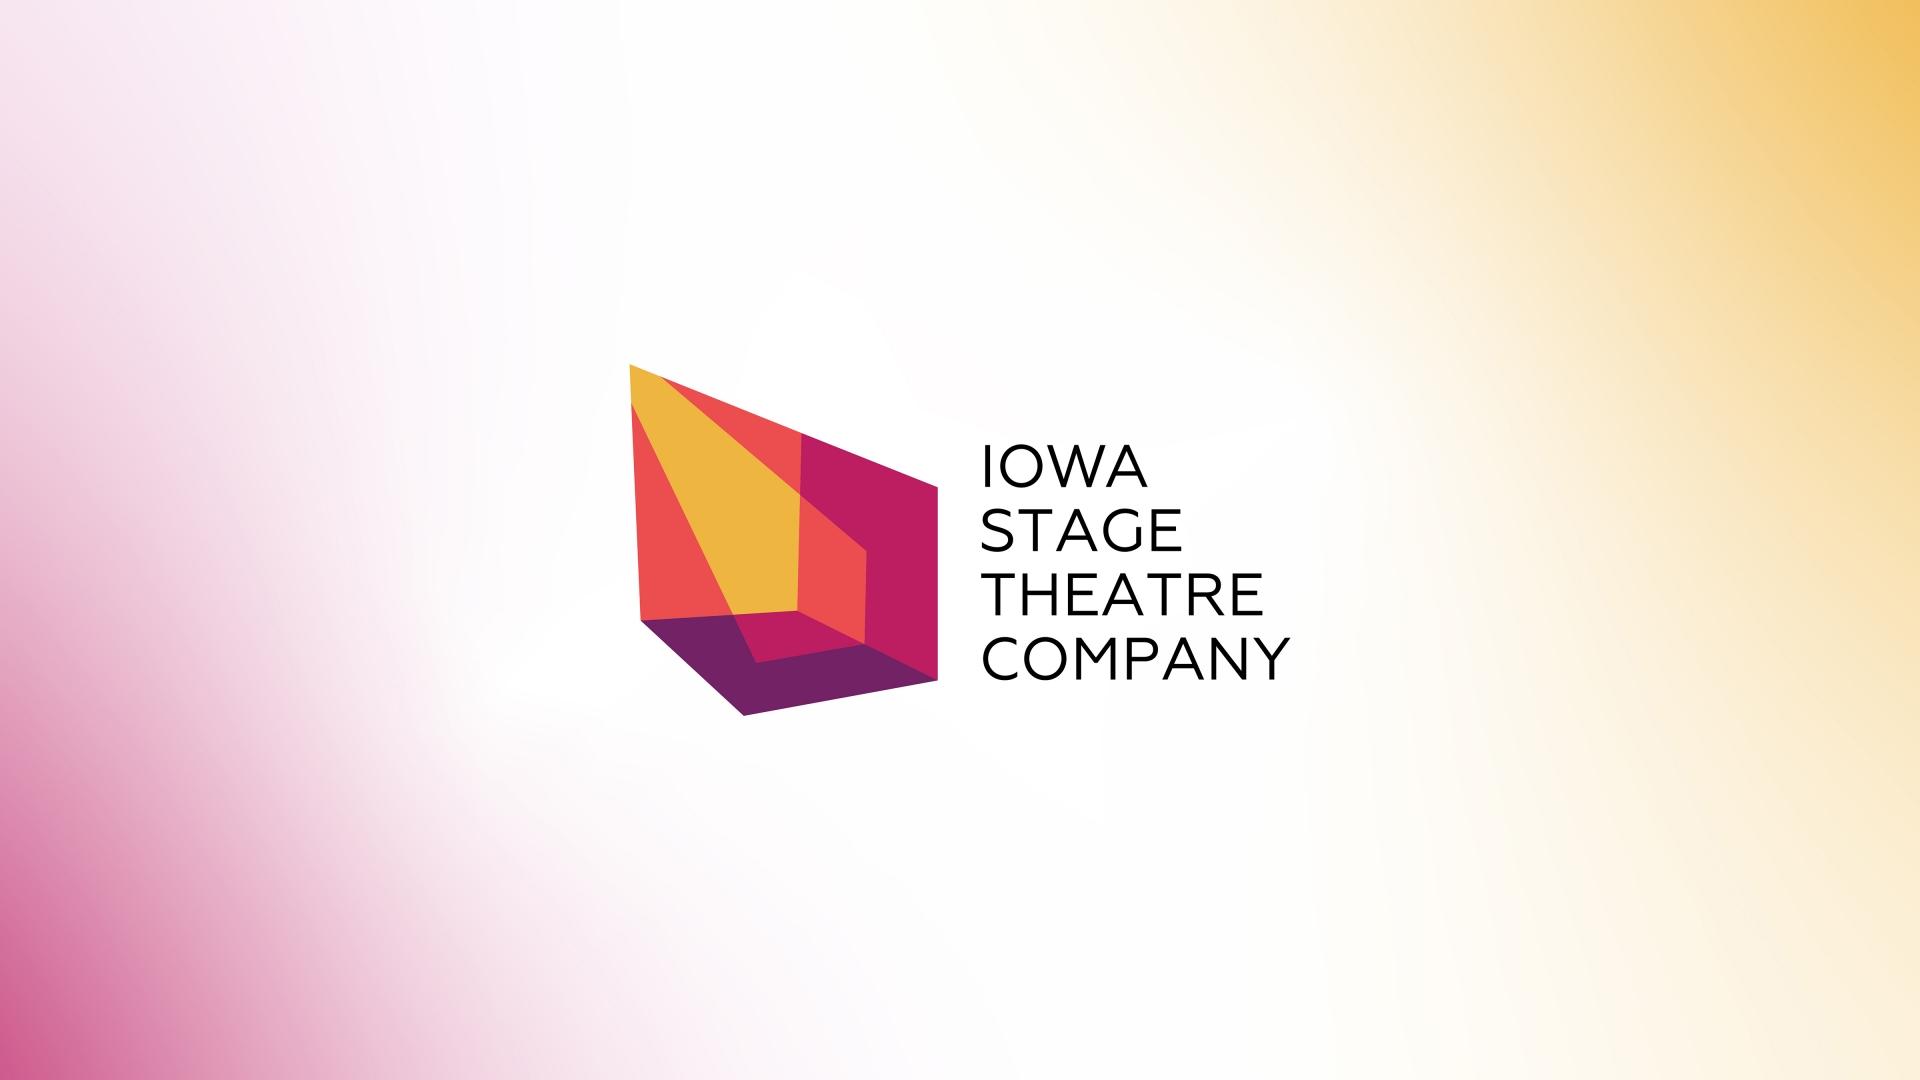 Iowa Stage Theatre Company rebranding